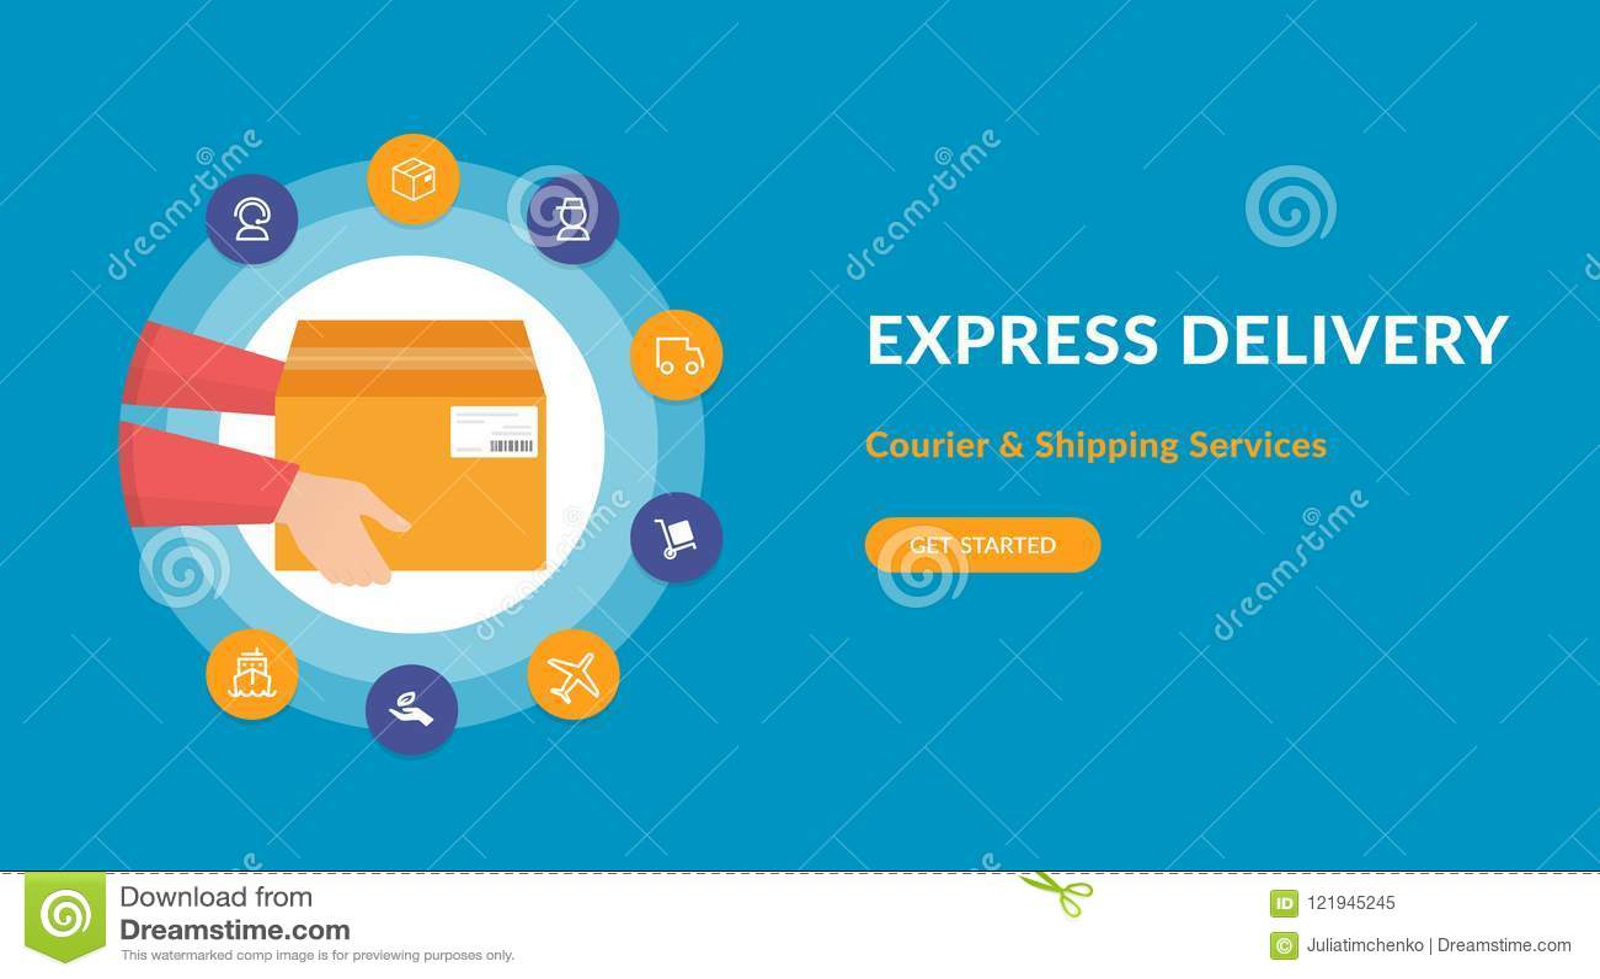 bfe28911d83a9c Service De Livraison Express Et Expédition Rapide Une Boîte En ...